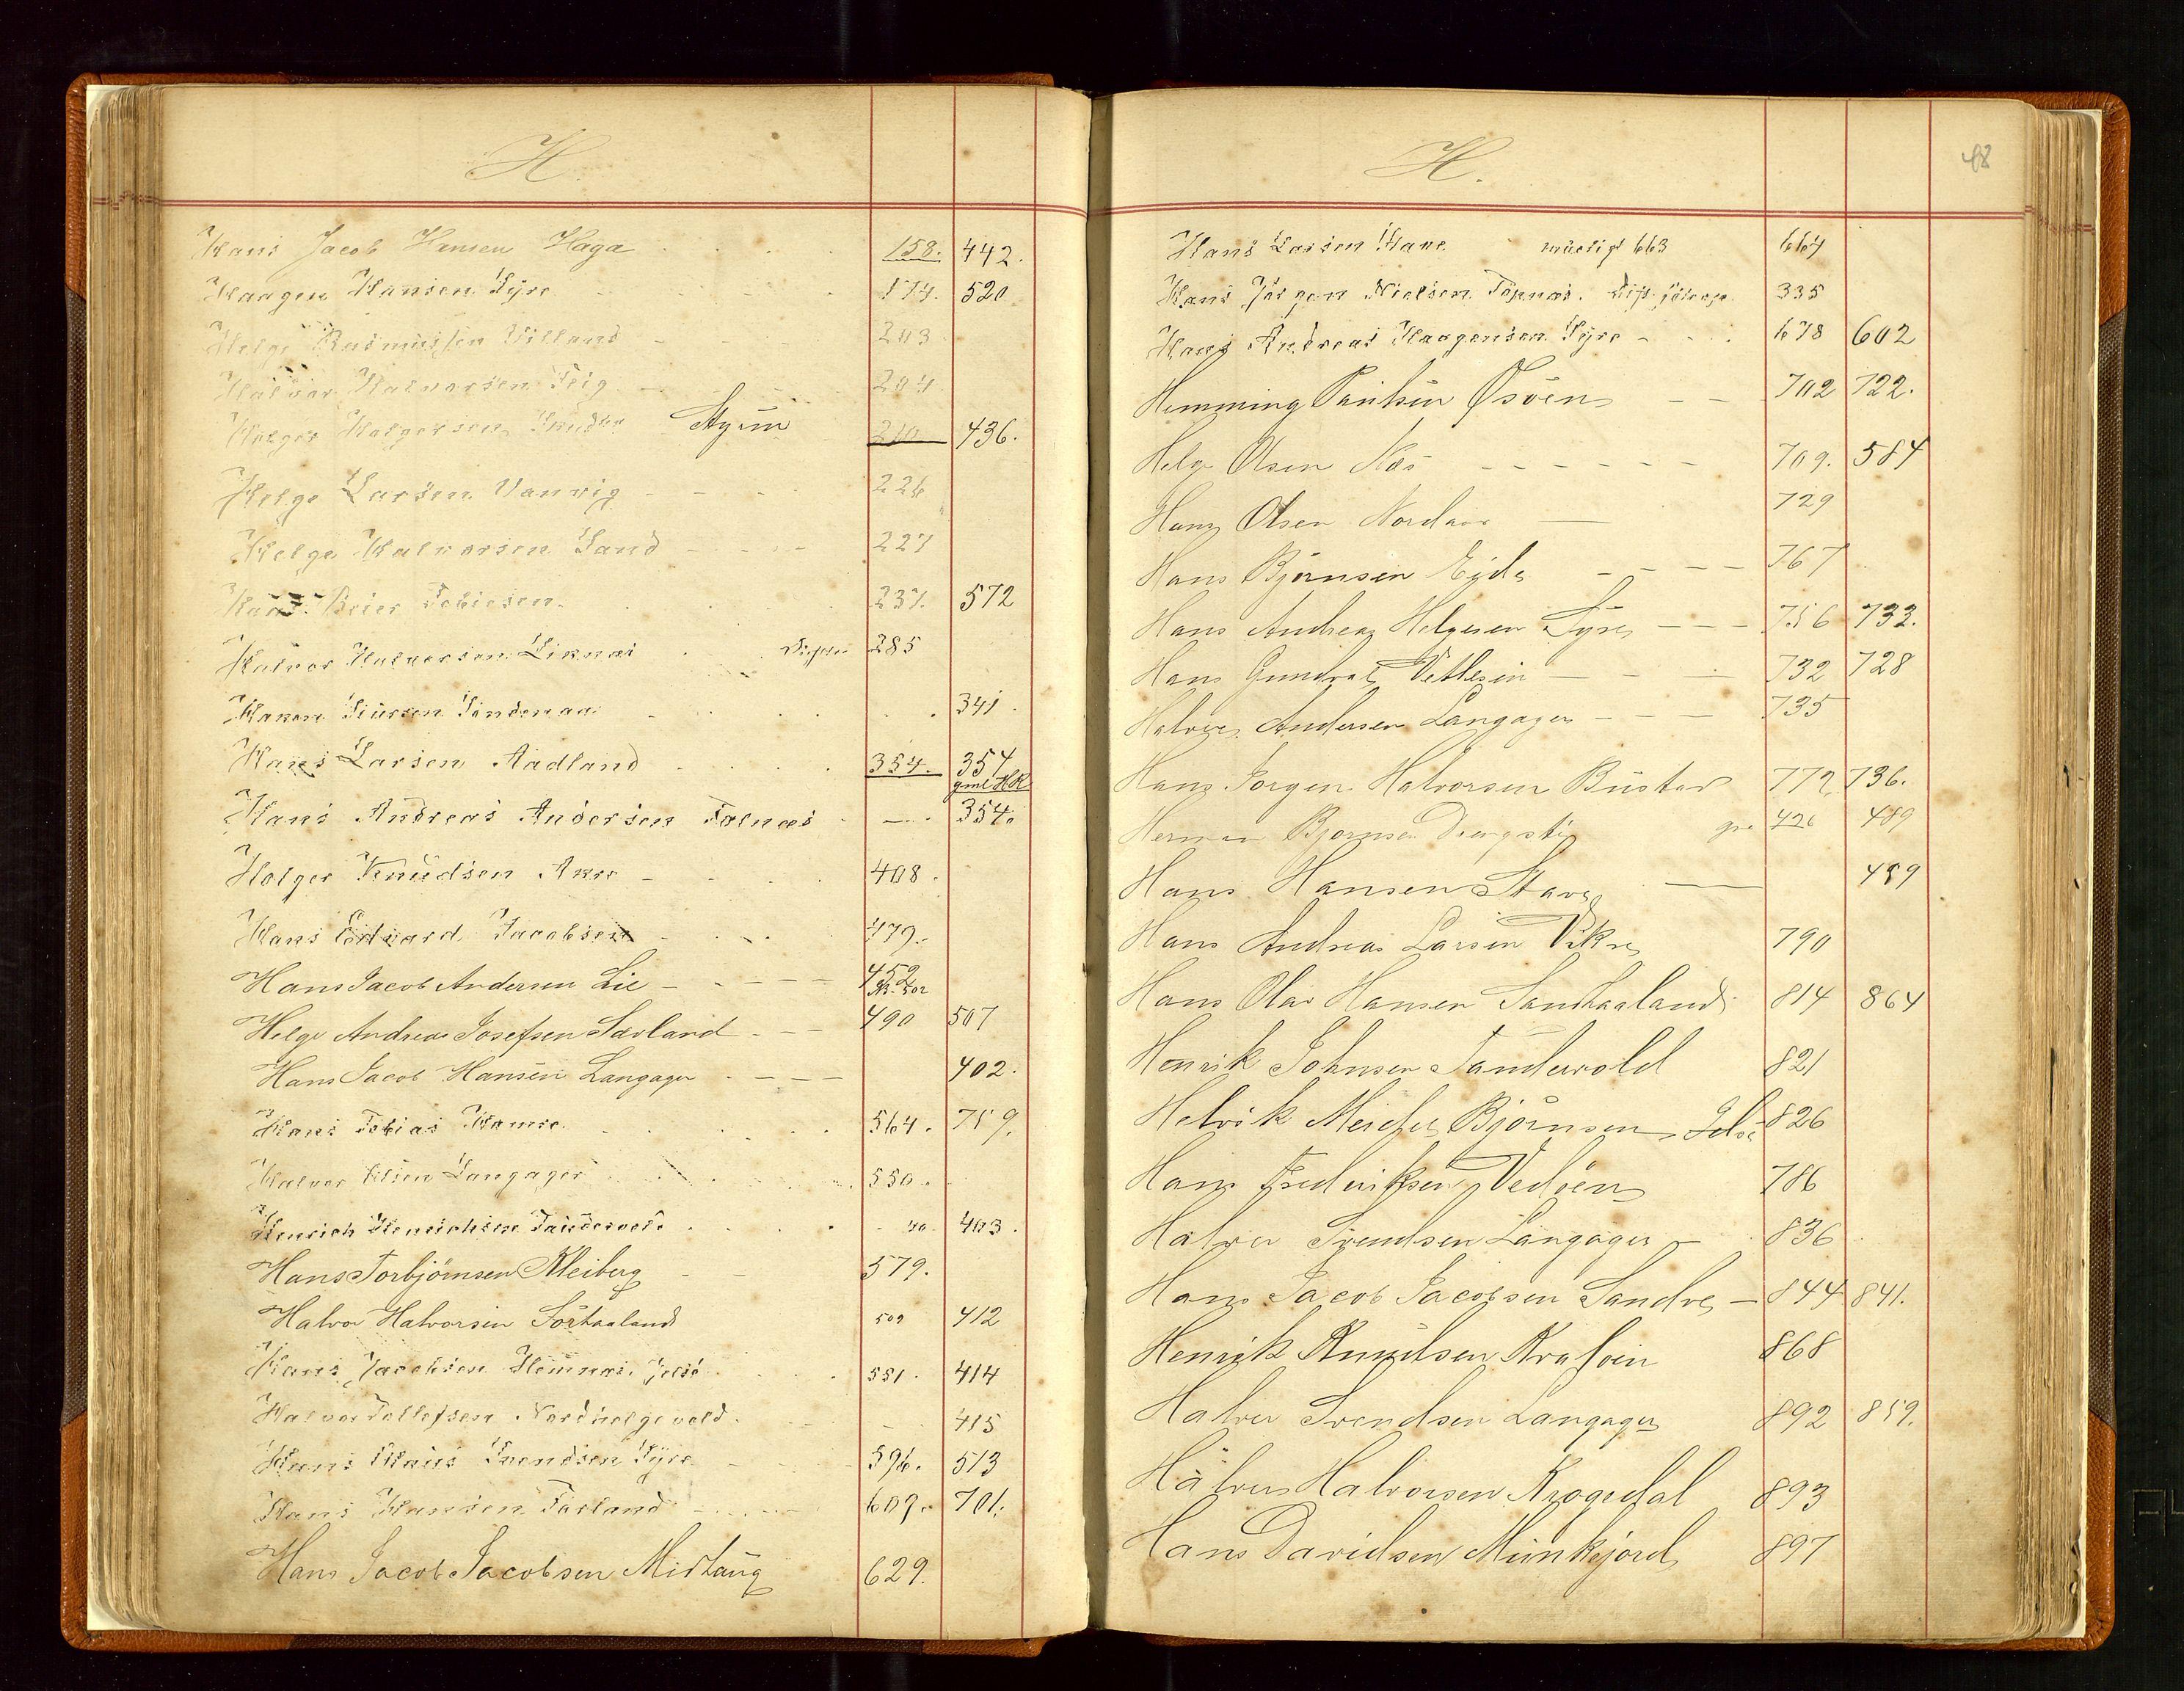 SAST, Haugesund sjømannskontor, F/Fb/Fba/L0003: Navneregister med henvisning til rullenummer (fornavn) Haugesund krets, 1860-1948, s. 48